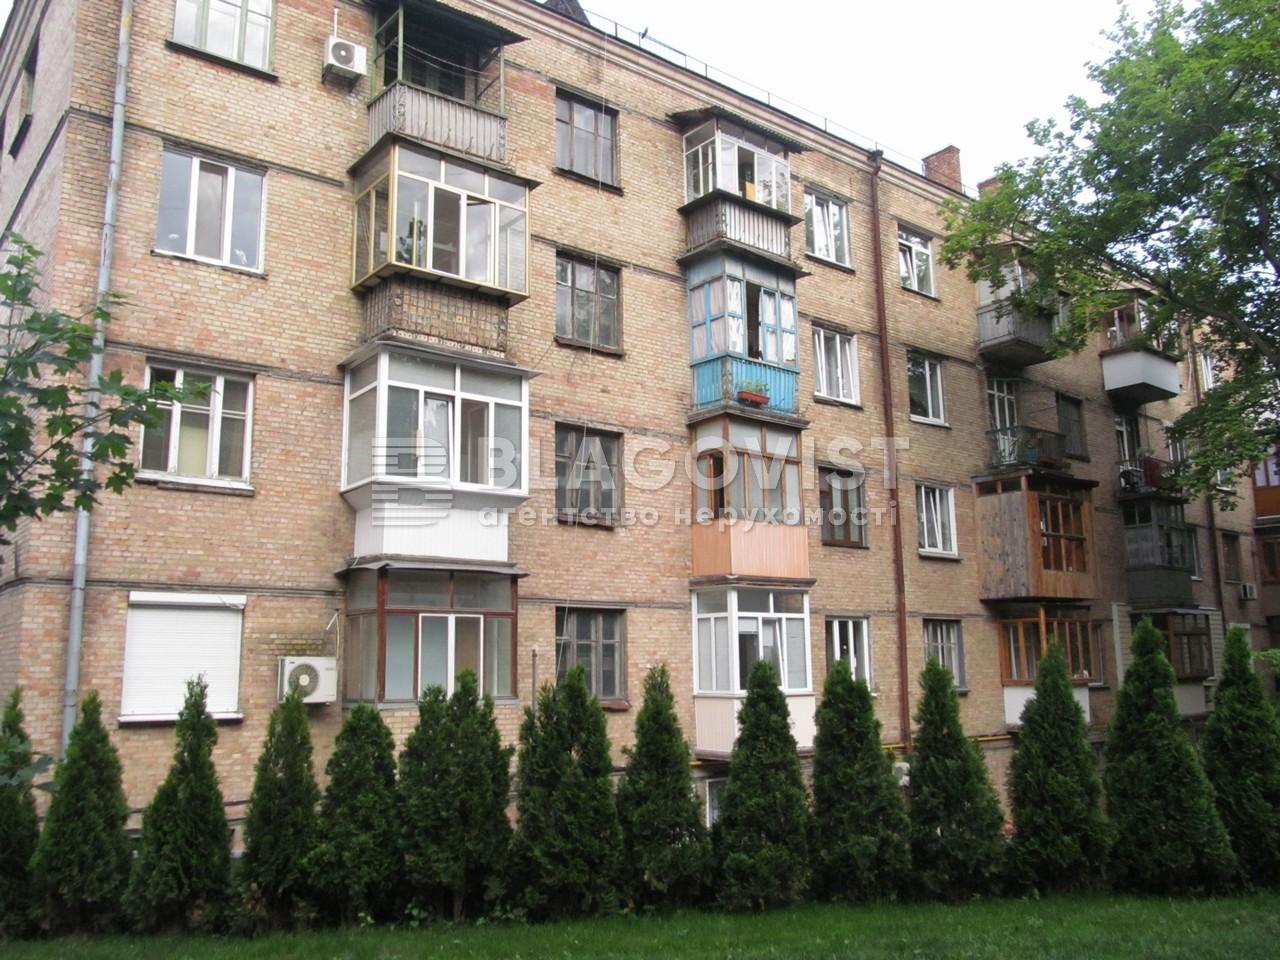 Квартира F-11331, Бойчука Михаила (Киквидзе), 4, Киев - Фото 2